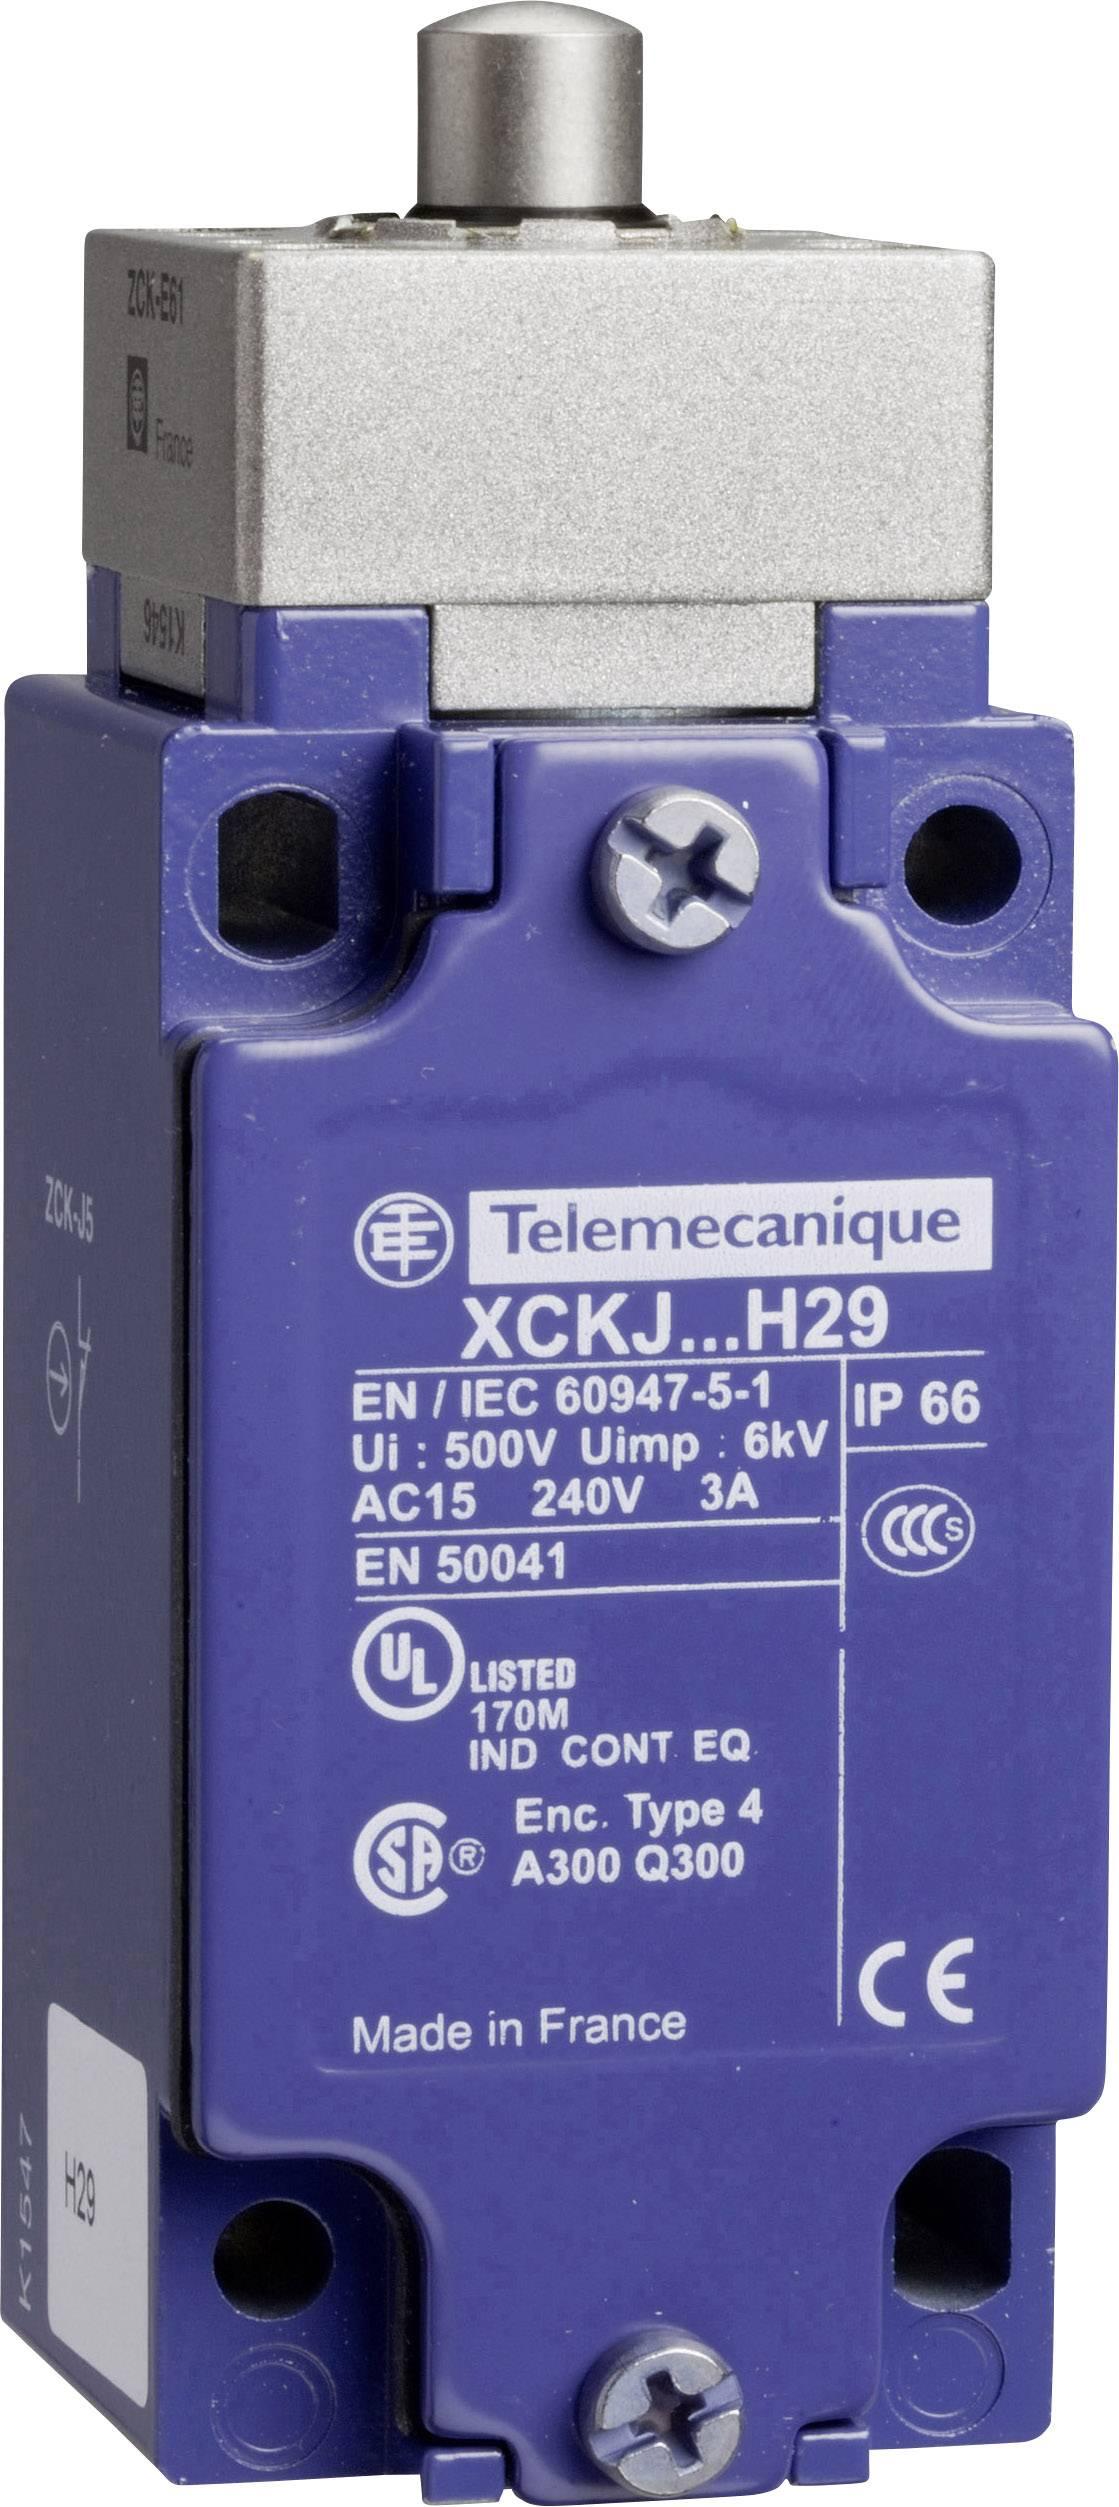 Koncový spínač Schneider Electric XCKJ161H29, zdvihátko, bez aretace, IP67, 1 ks